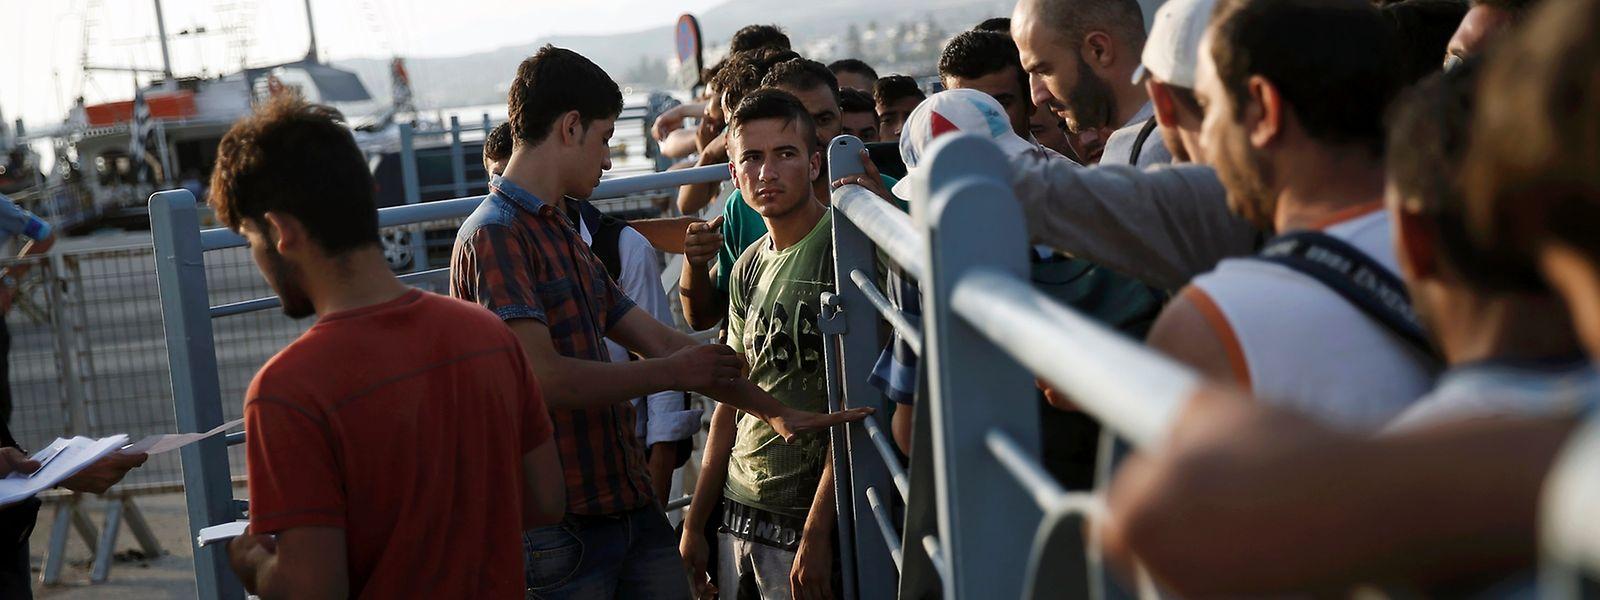 """Syrische Flüchtlinge bei der Passkontrolle für die Fähre """"Eleftherios Venizelos""""."""